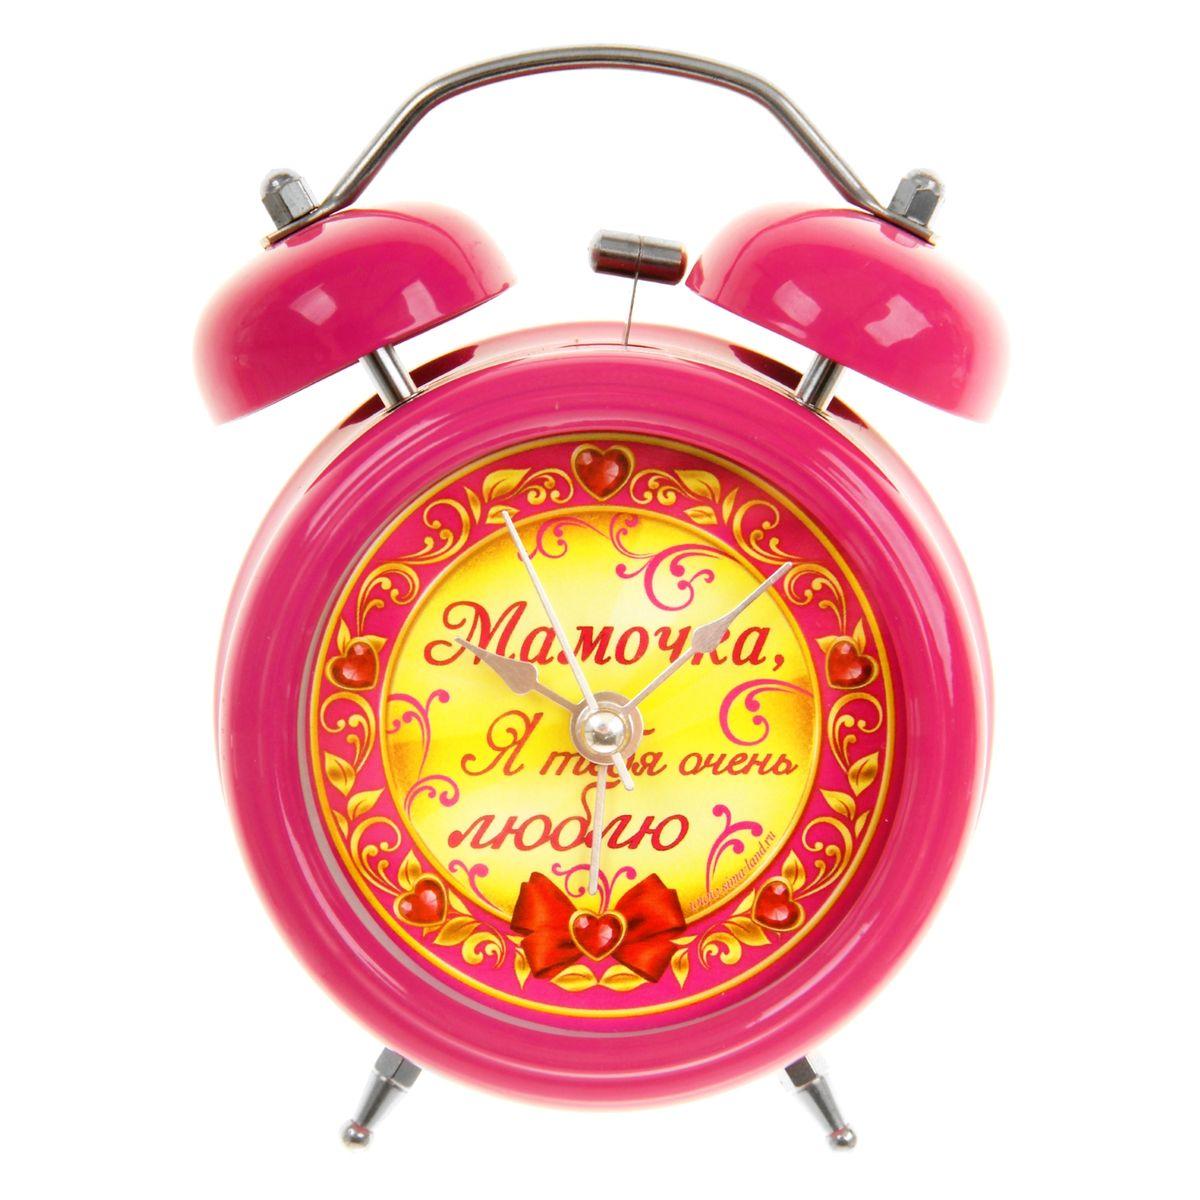 Часы-будильник Sima-land Мамочка, я тебя люблю839674Как же сложно иногда вставать вовремя! Всегда так хочется поспать еще хотя бы 5 минут и бывает, что мы просыпаем. Теперь этого не случится! Яркий, оригинальный будильник Sima-land Мамочка, я тебя люблю поможет вам всегда вставать в нужное время и успевать везде и всюду. Будильник украсит вашу комнату и приведет в восхищение друзей. Время показывает точно и будит в установленный час. На задней панели будильника расположены переключатель включения/выключения механизма, а также два колесика для настройки текущего времени и времени звонка будильника. Также будильник оснащен кнопкой, при нажатии и удержании которой, подсвечивается циферблат. Будильник работает от 1 батарейки типа AA напряжением 1,5V (не входит в комплект).